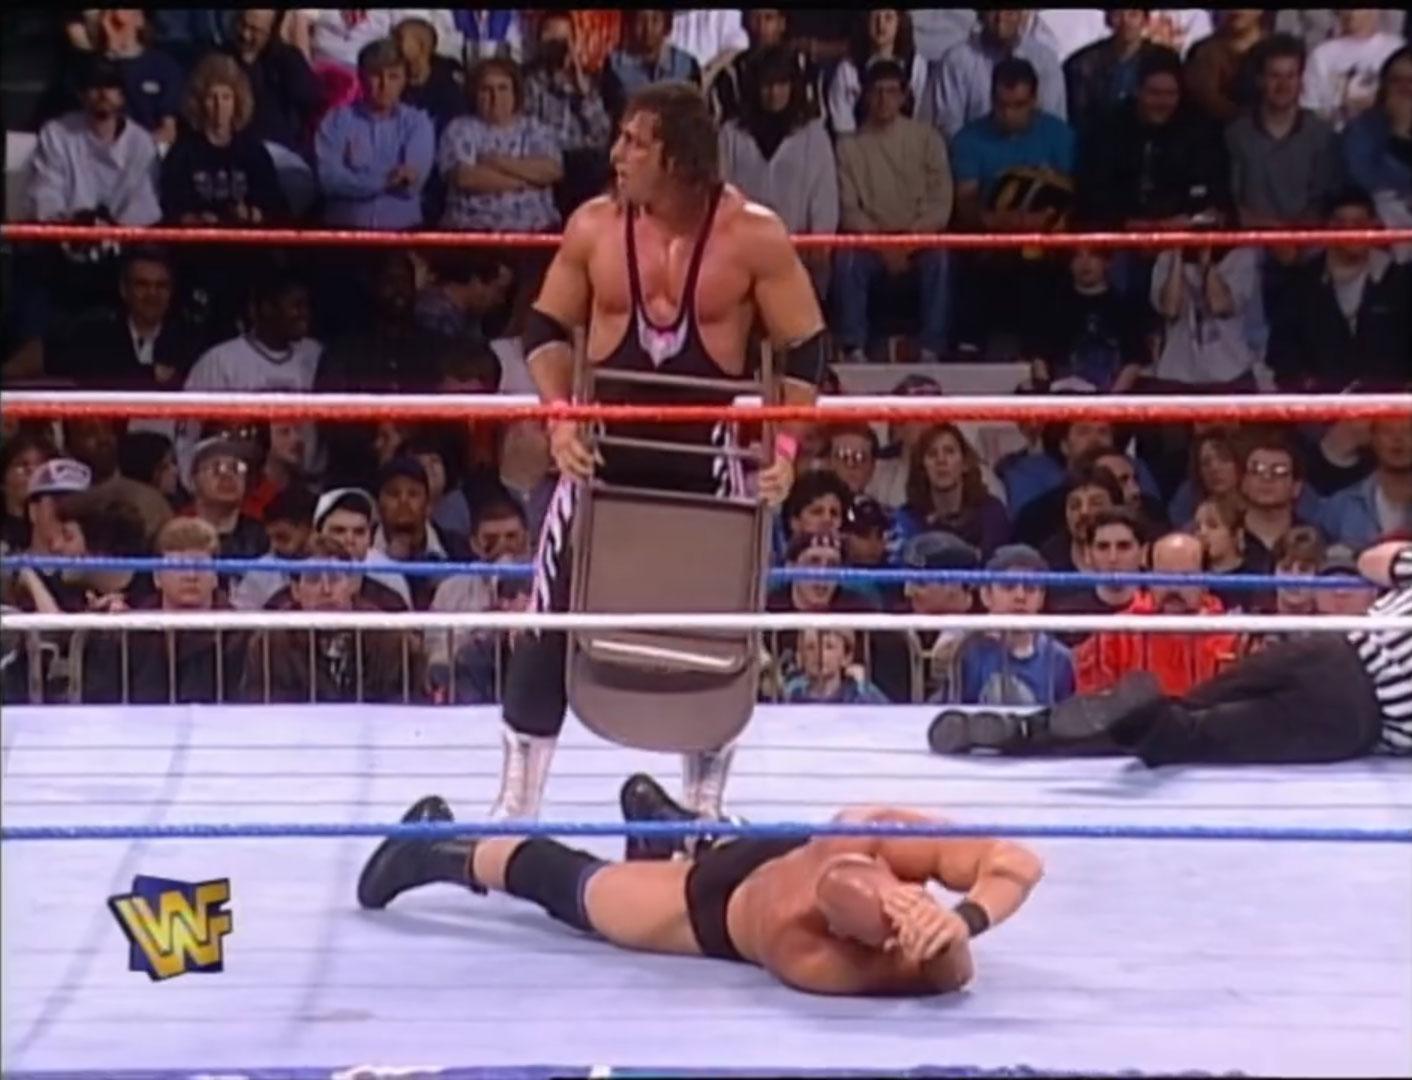 Steve Austin vs. Bret Hart WWF In Your House 14: Revenge Of The 'Taker Apr 20th 1997